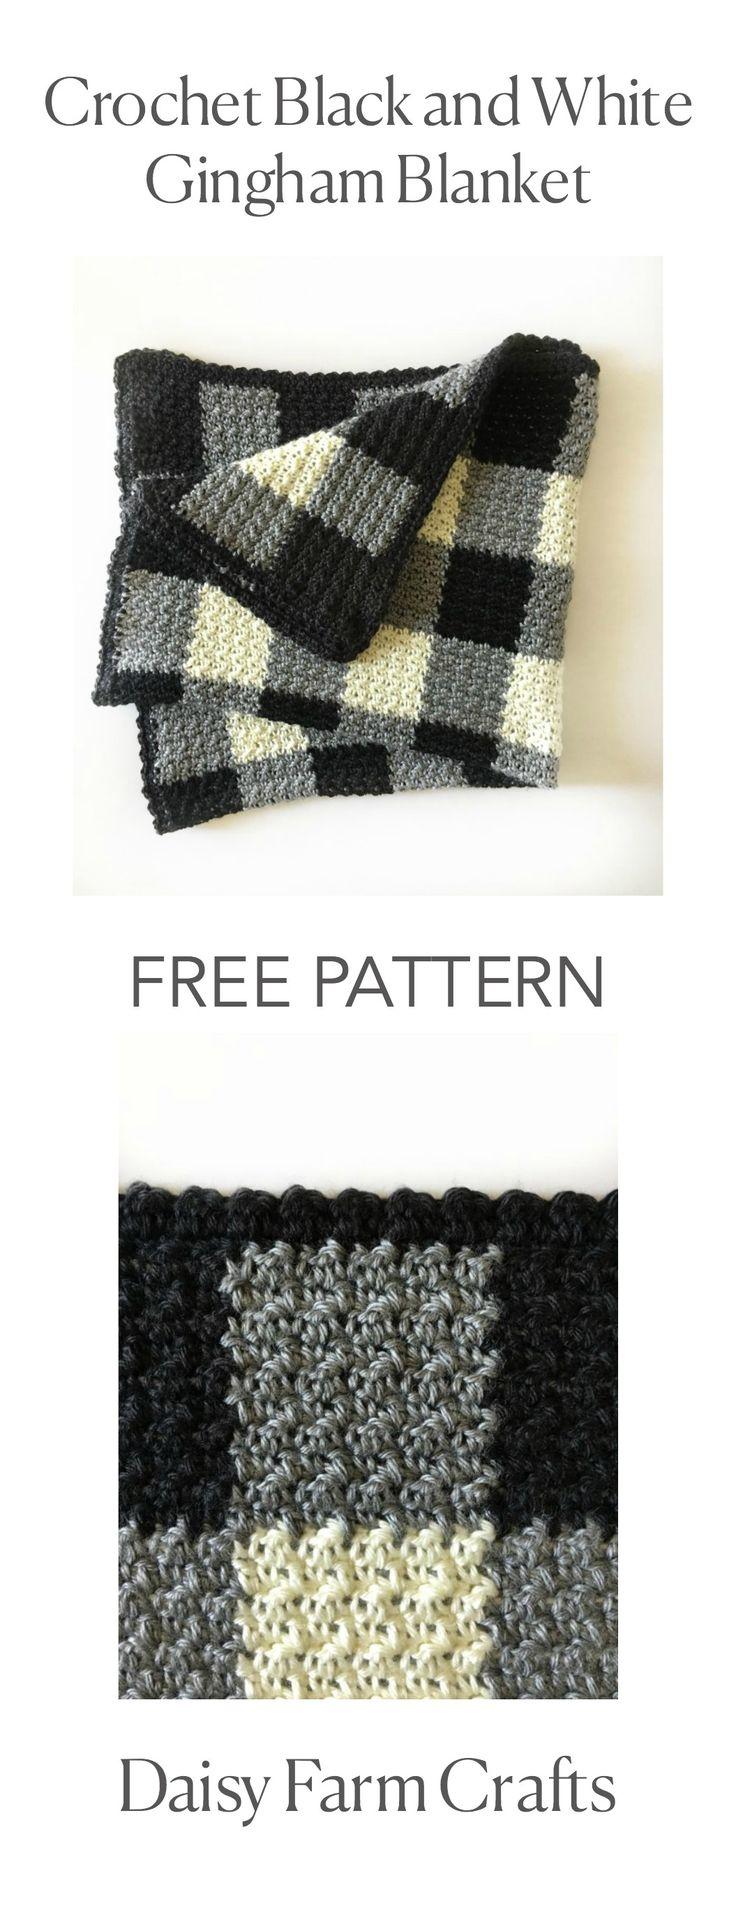 FREE PATTERN - Crochet Black and White Gingham Blanket